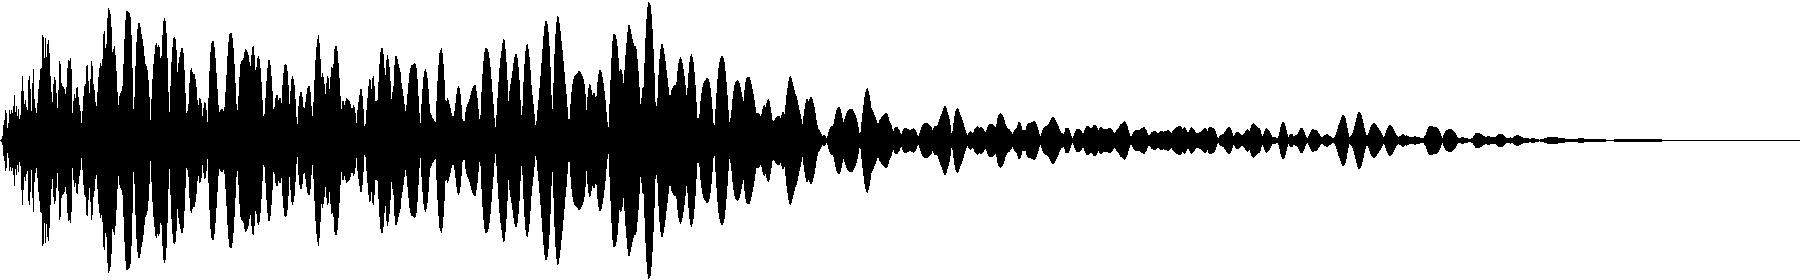 vedh synth cut 184 em